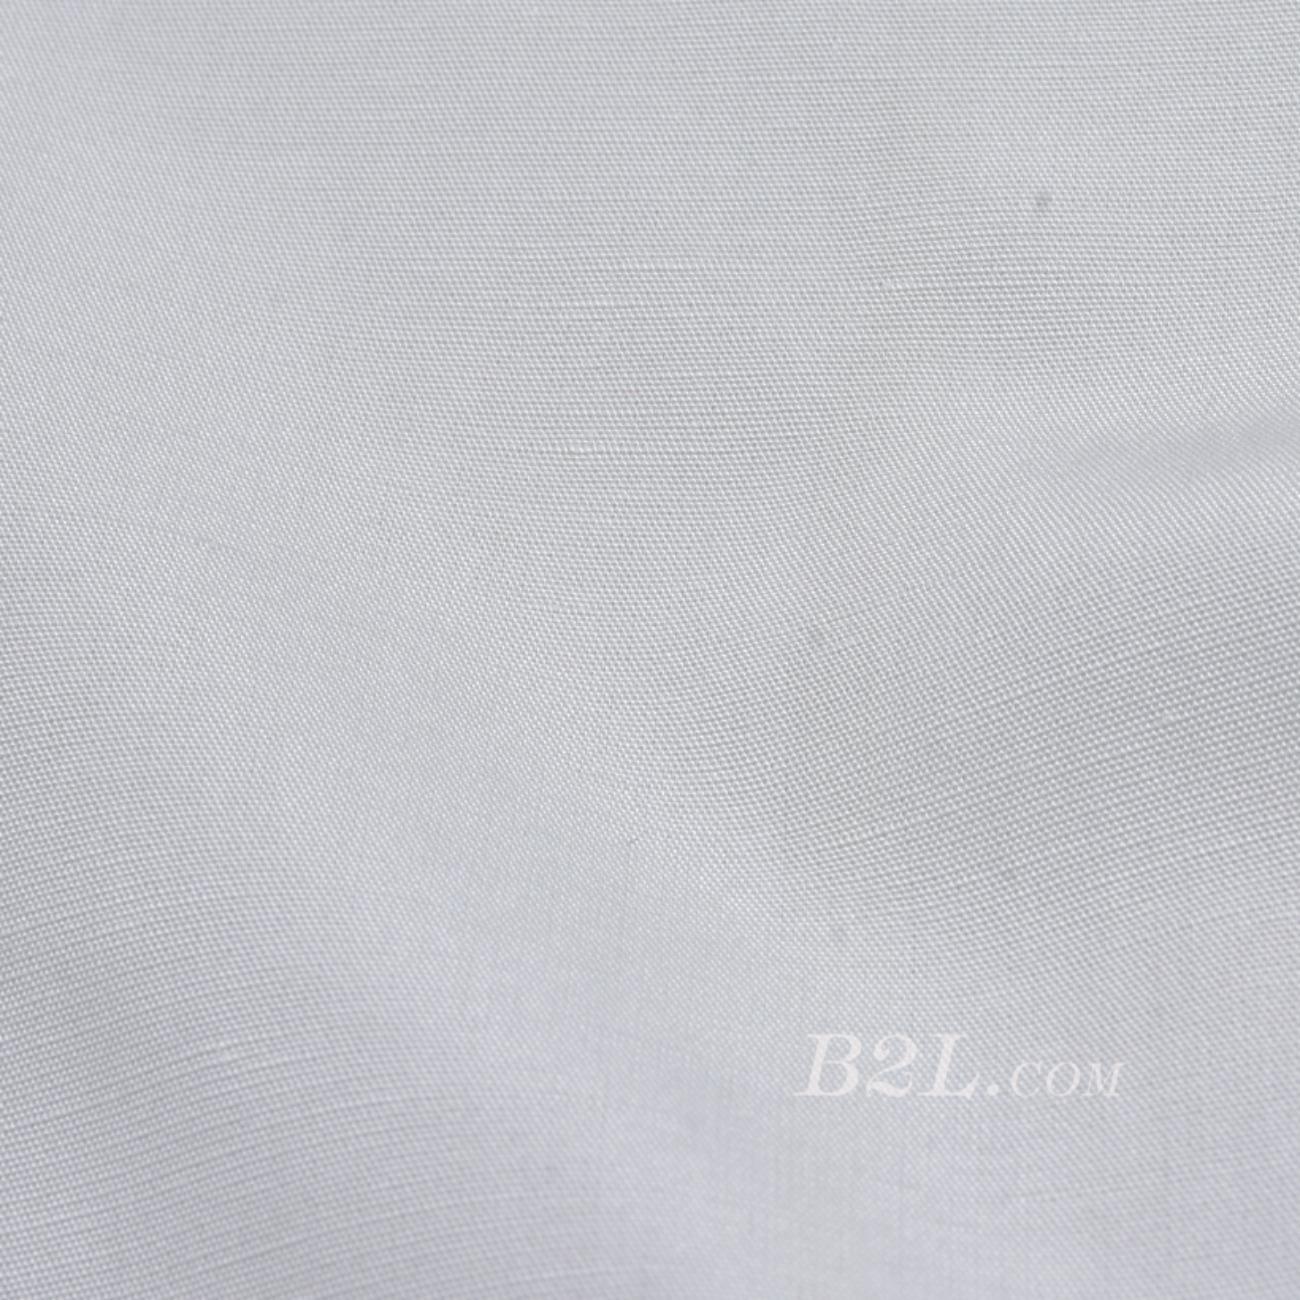 素色 梭织 低弹春夏 连衣裙 T恤 女装 外套 短裙  90414-12